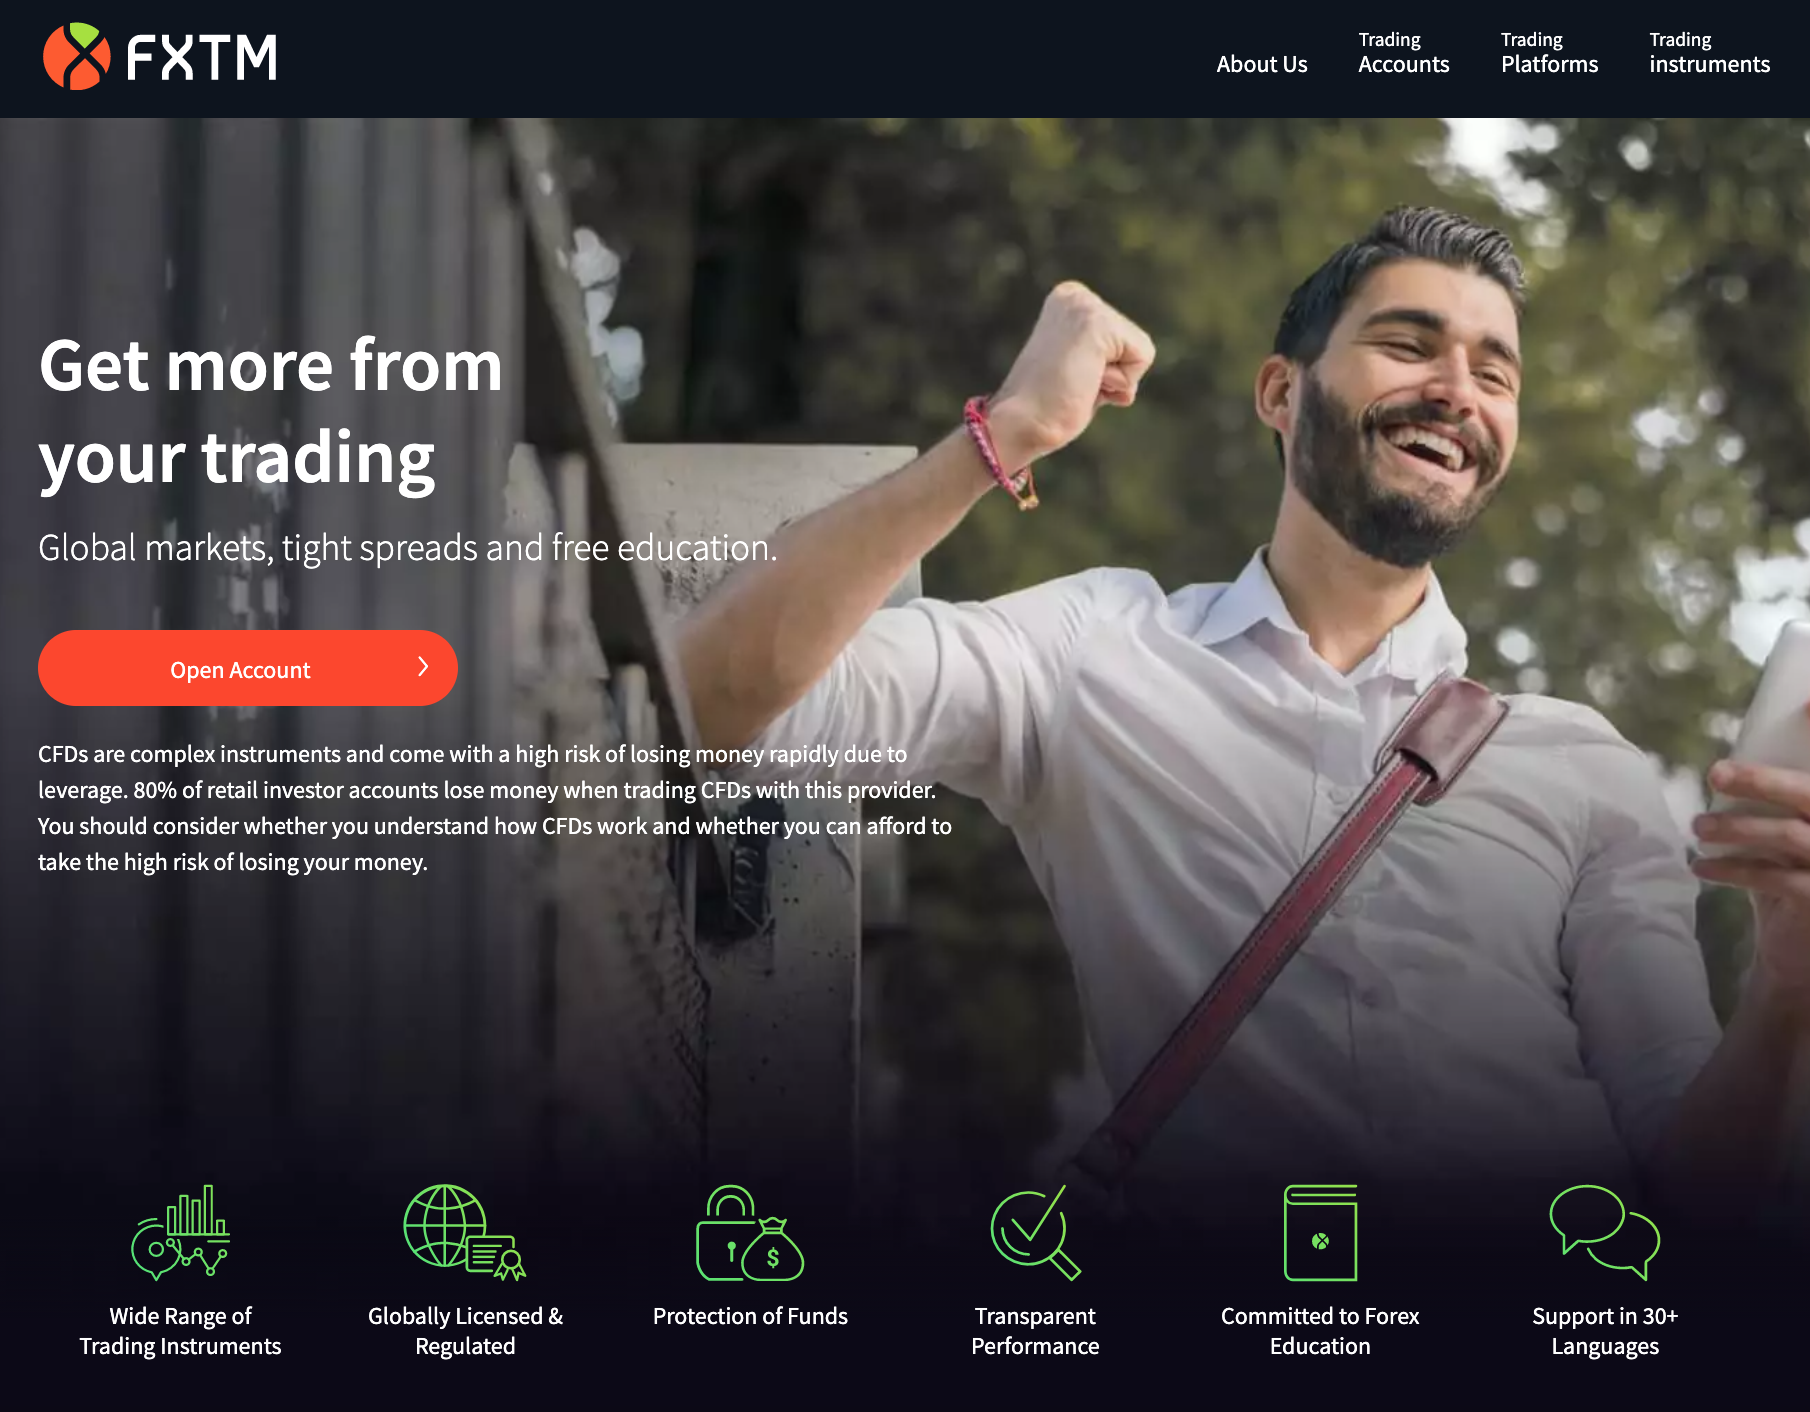 FXTM Homepage